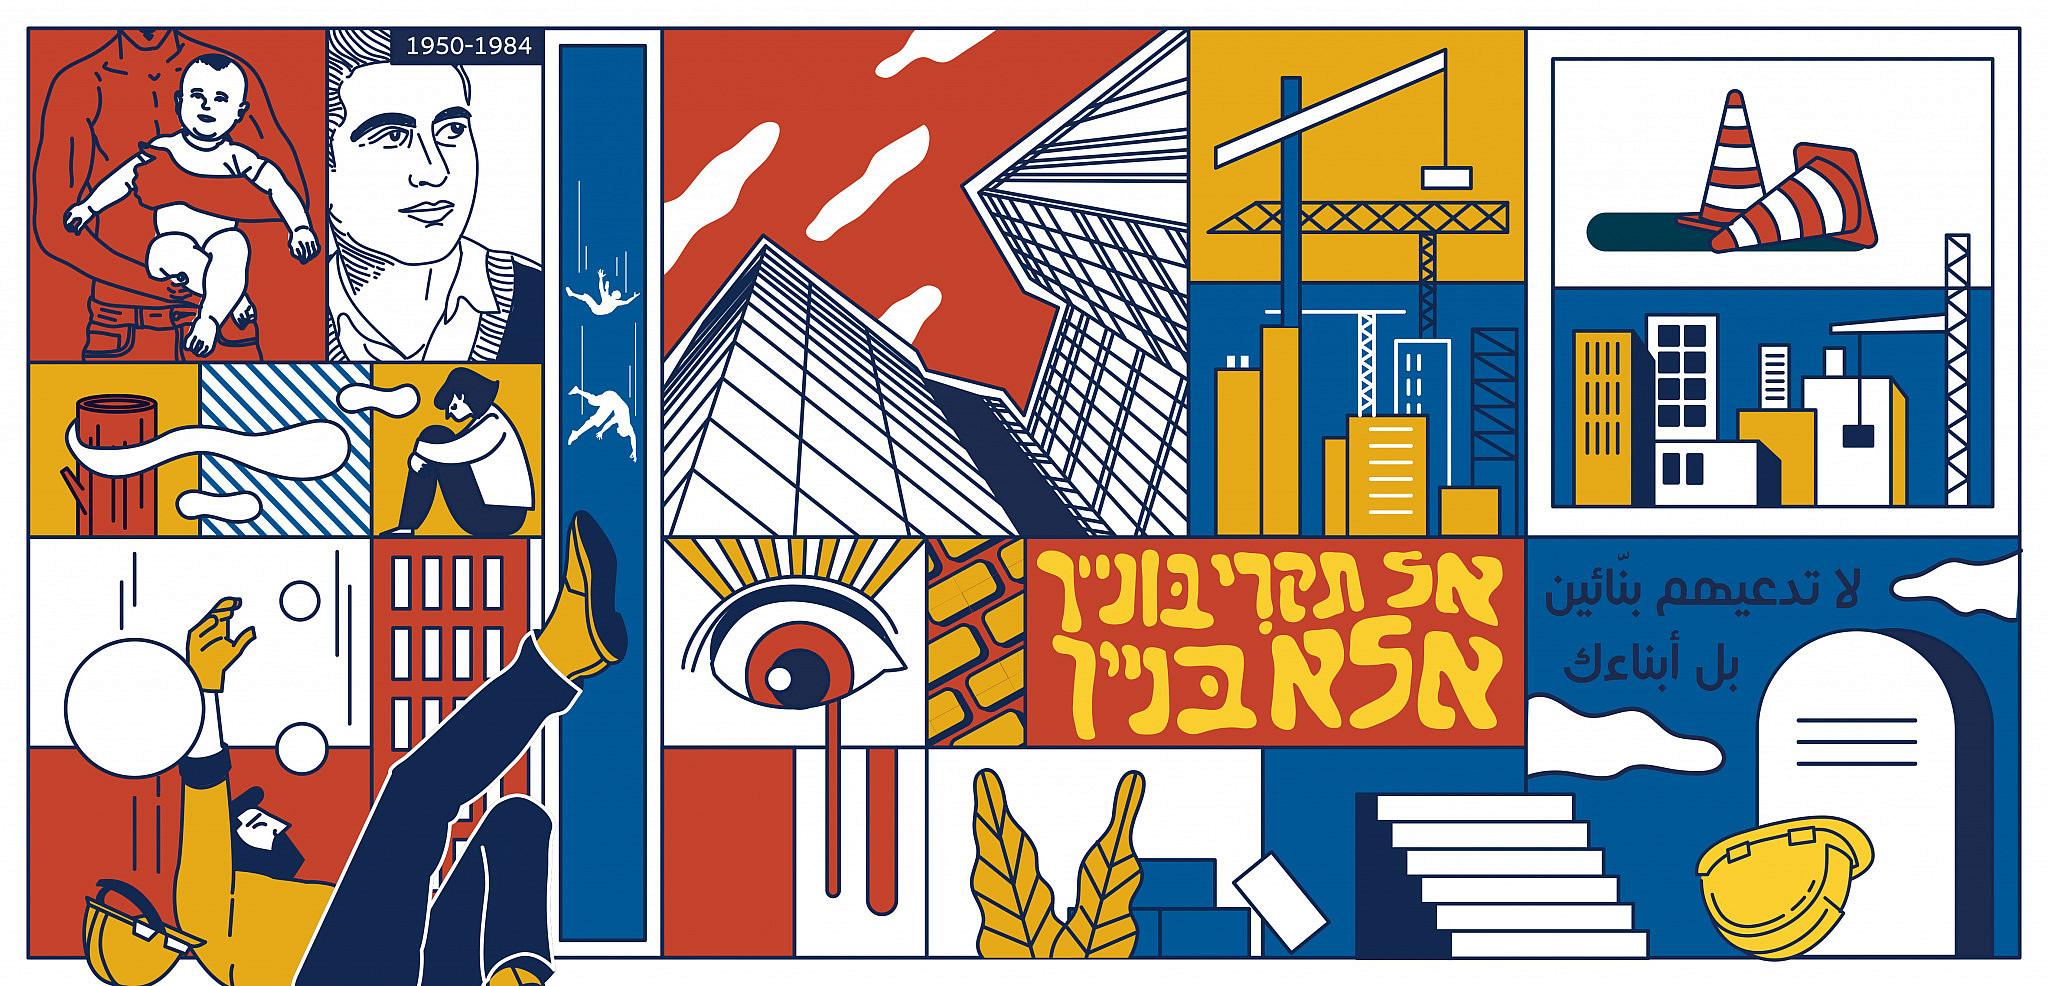 אלעד ליפשיץ, סטודיו דוב אברמסון, אל תקרי בונייך אלא בנייך, 2021. ציור קיר באזור התעשייה תלפיות. הקיר ניצר במסגרת פרויקט 'פועלי צדק-למען שלום בונייך' פרי יוזמתם של ציפי חורי ועודד רון מבית המדרש לרבנות ישראלית של מכון הרטמן והמדרשה באורנים